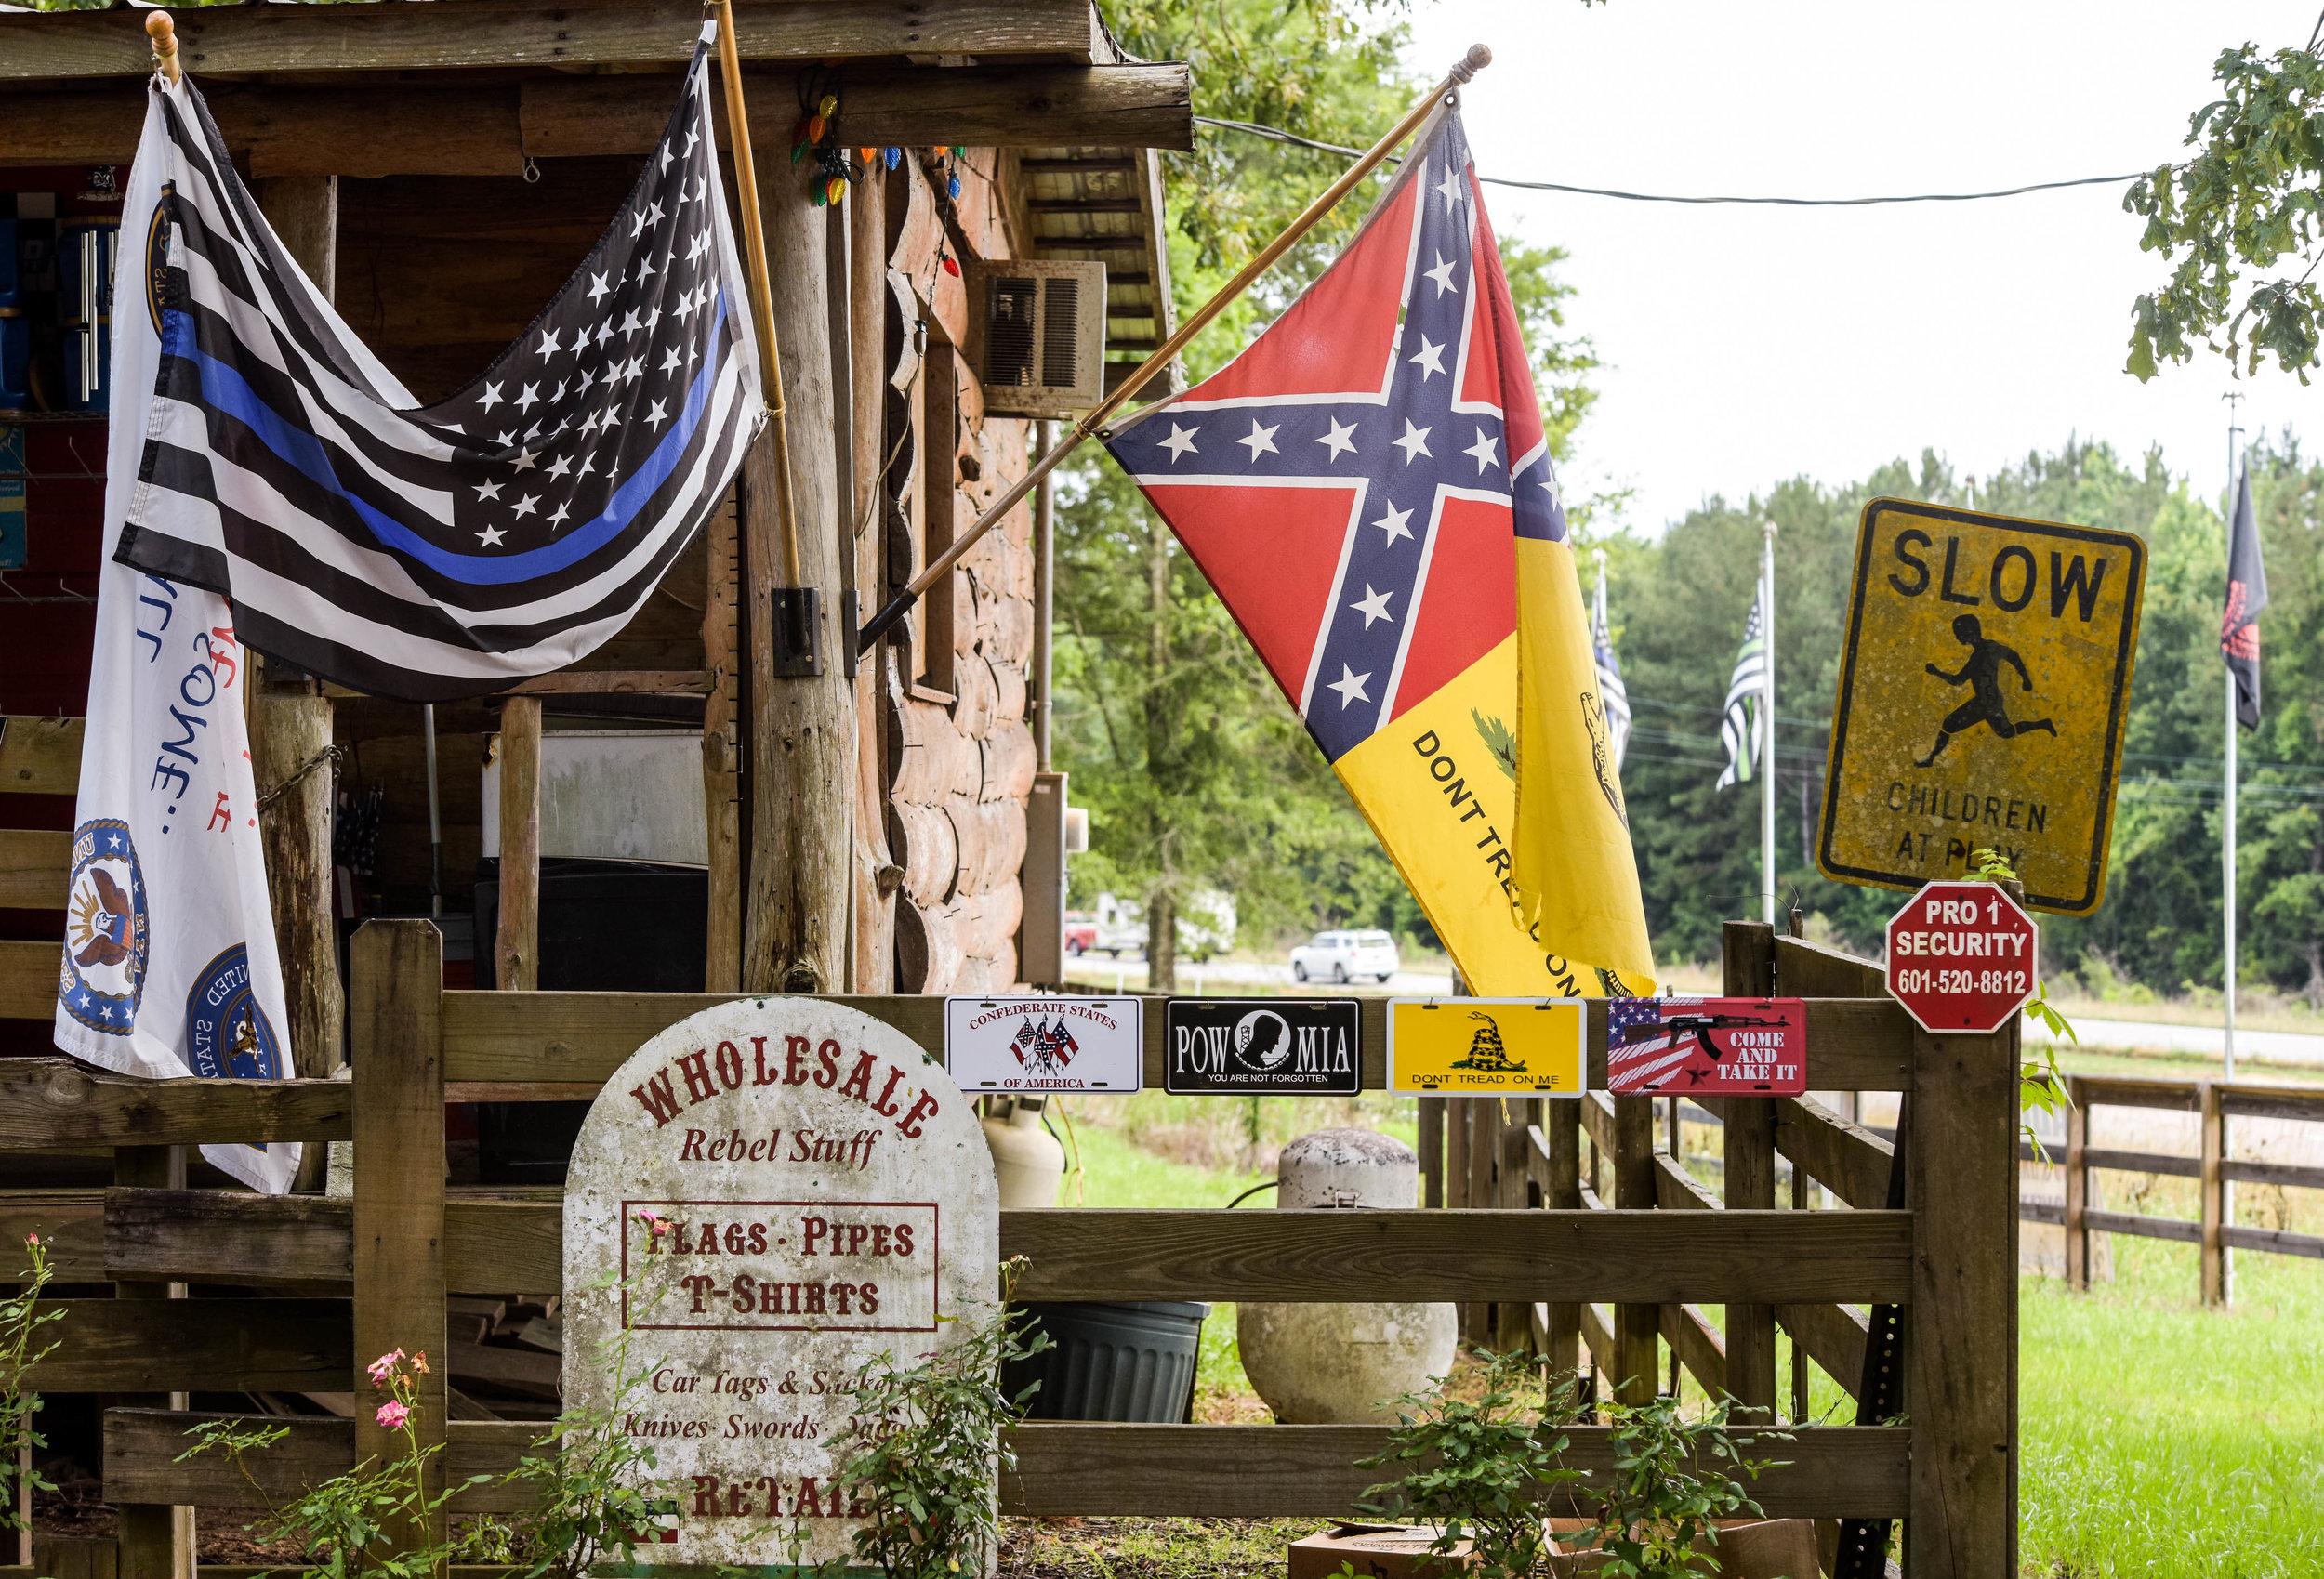 ConfederateFlag_1562.jpg